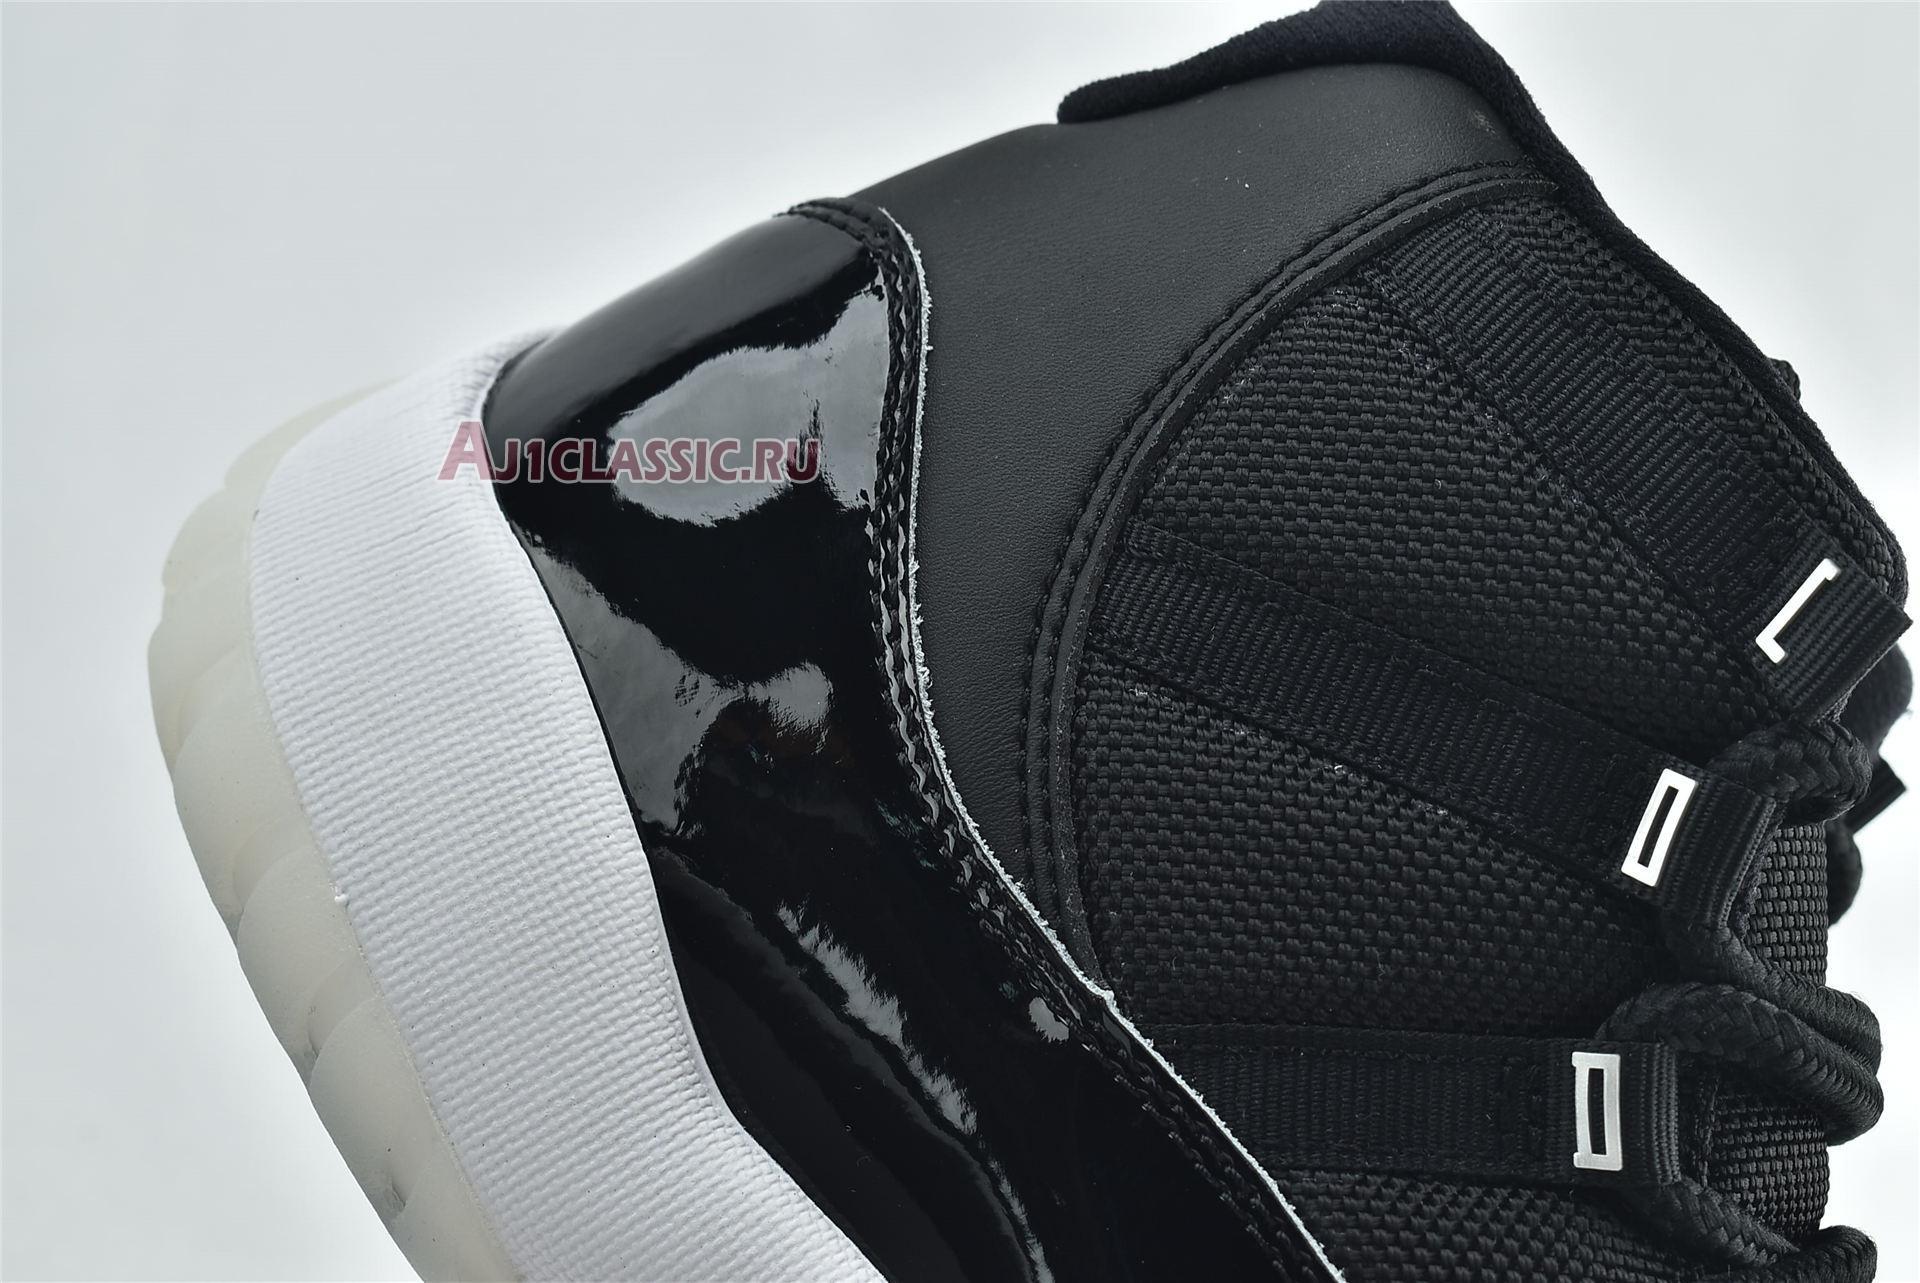 """Air Jordan 11 Retro """"Jubilee 25th Anniversary"""" CT8012-011"""